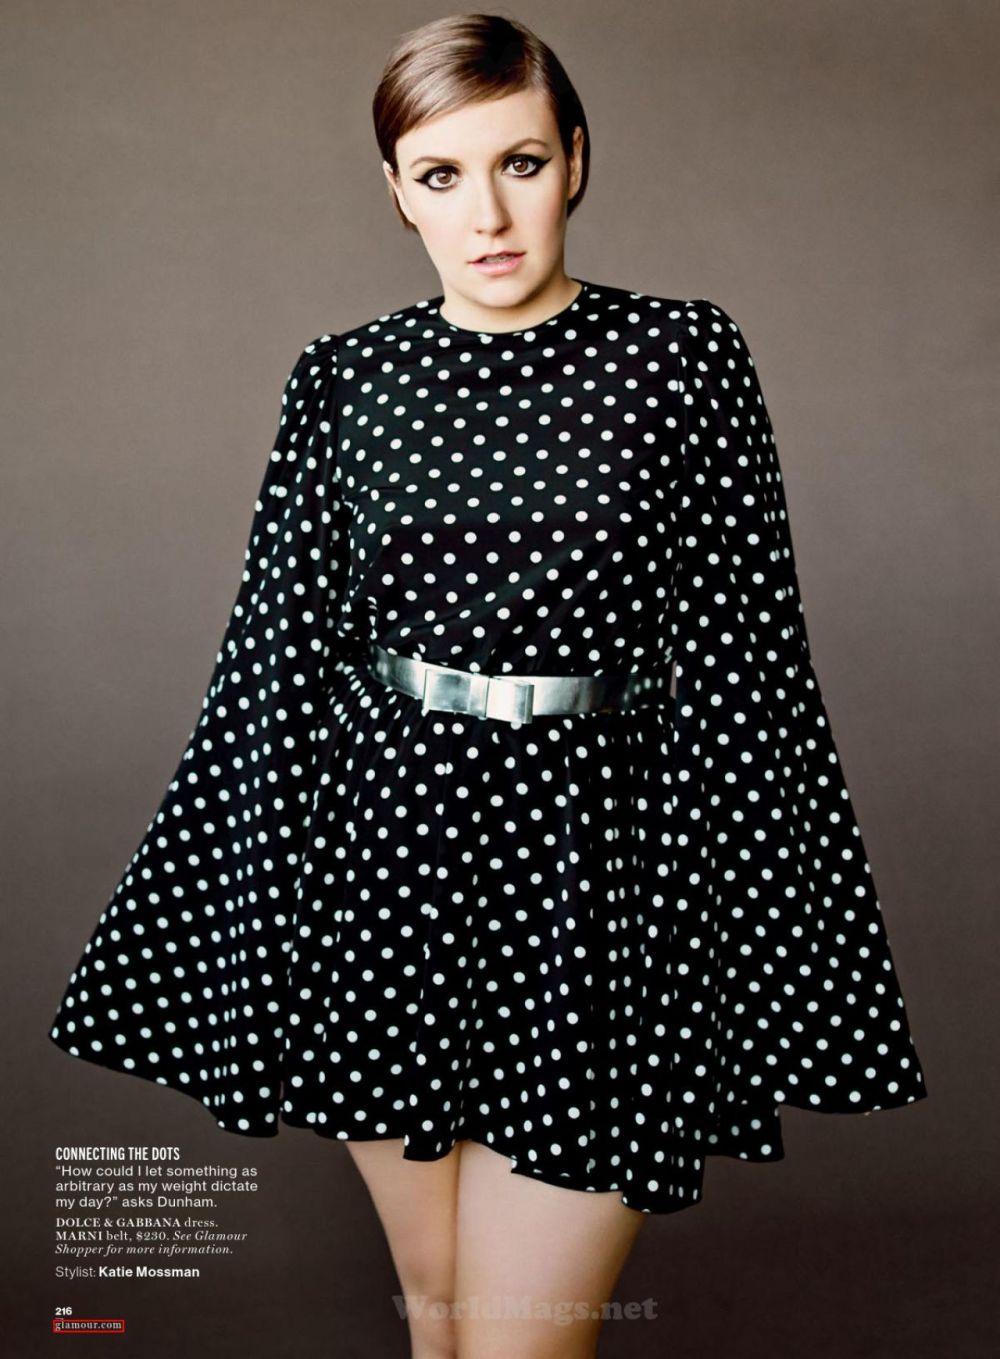 Lena-Dunham-Glamour-Magazine-April-2014-Tom-Lorenzo-Site-TLO (3)